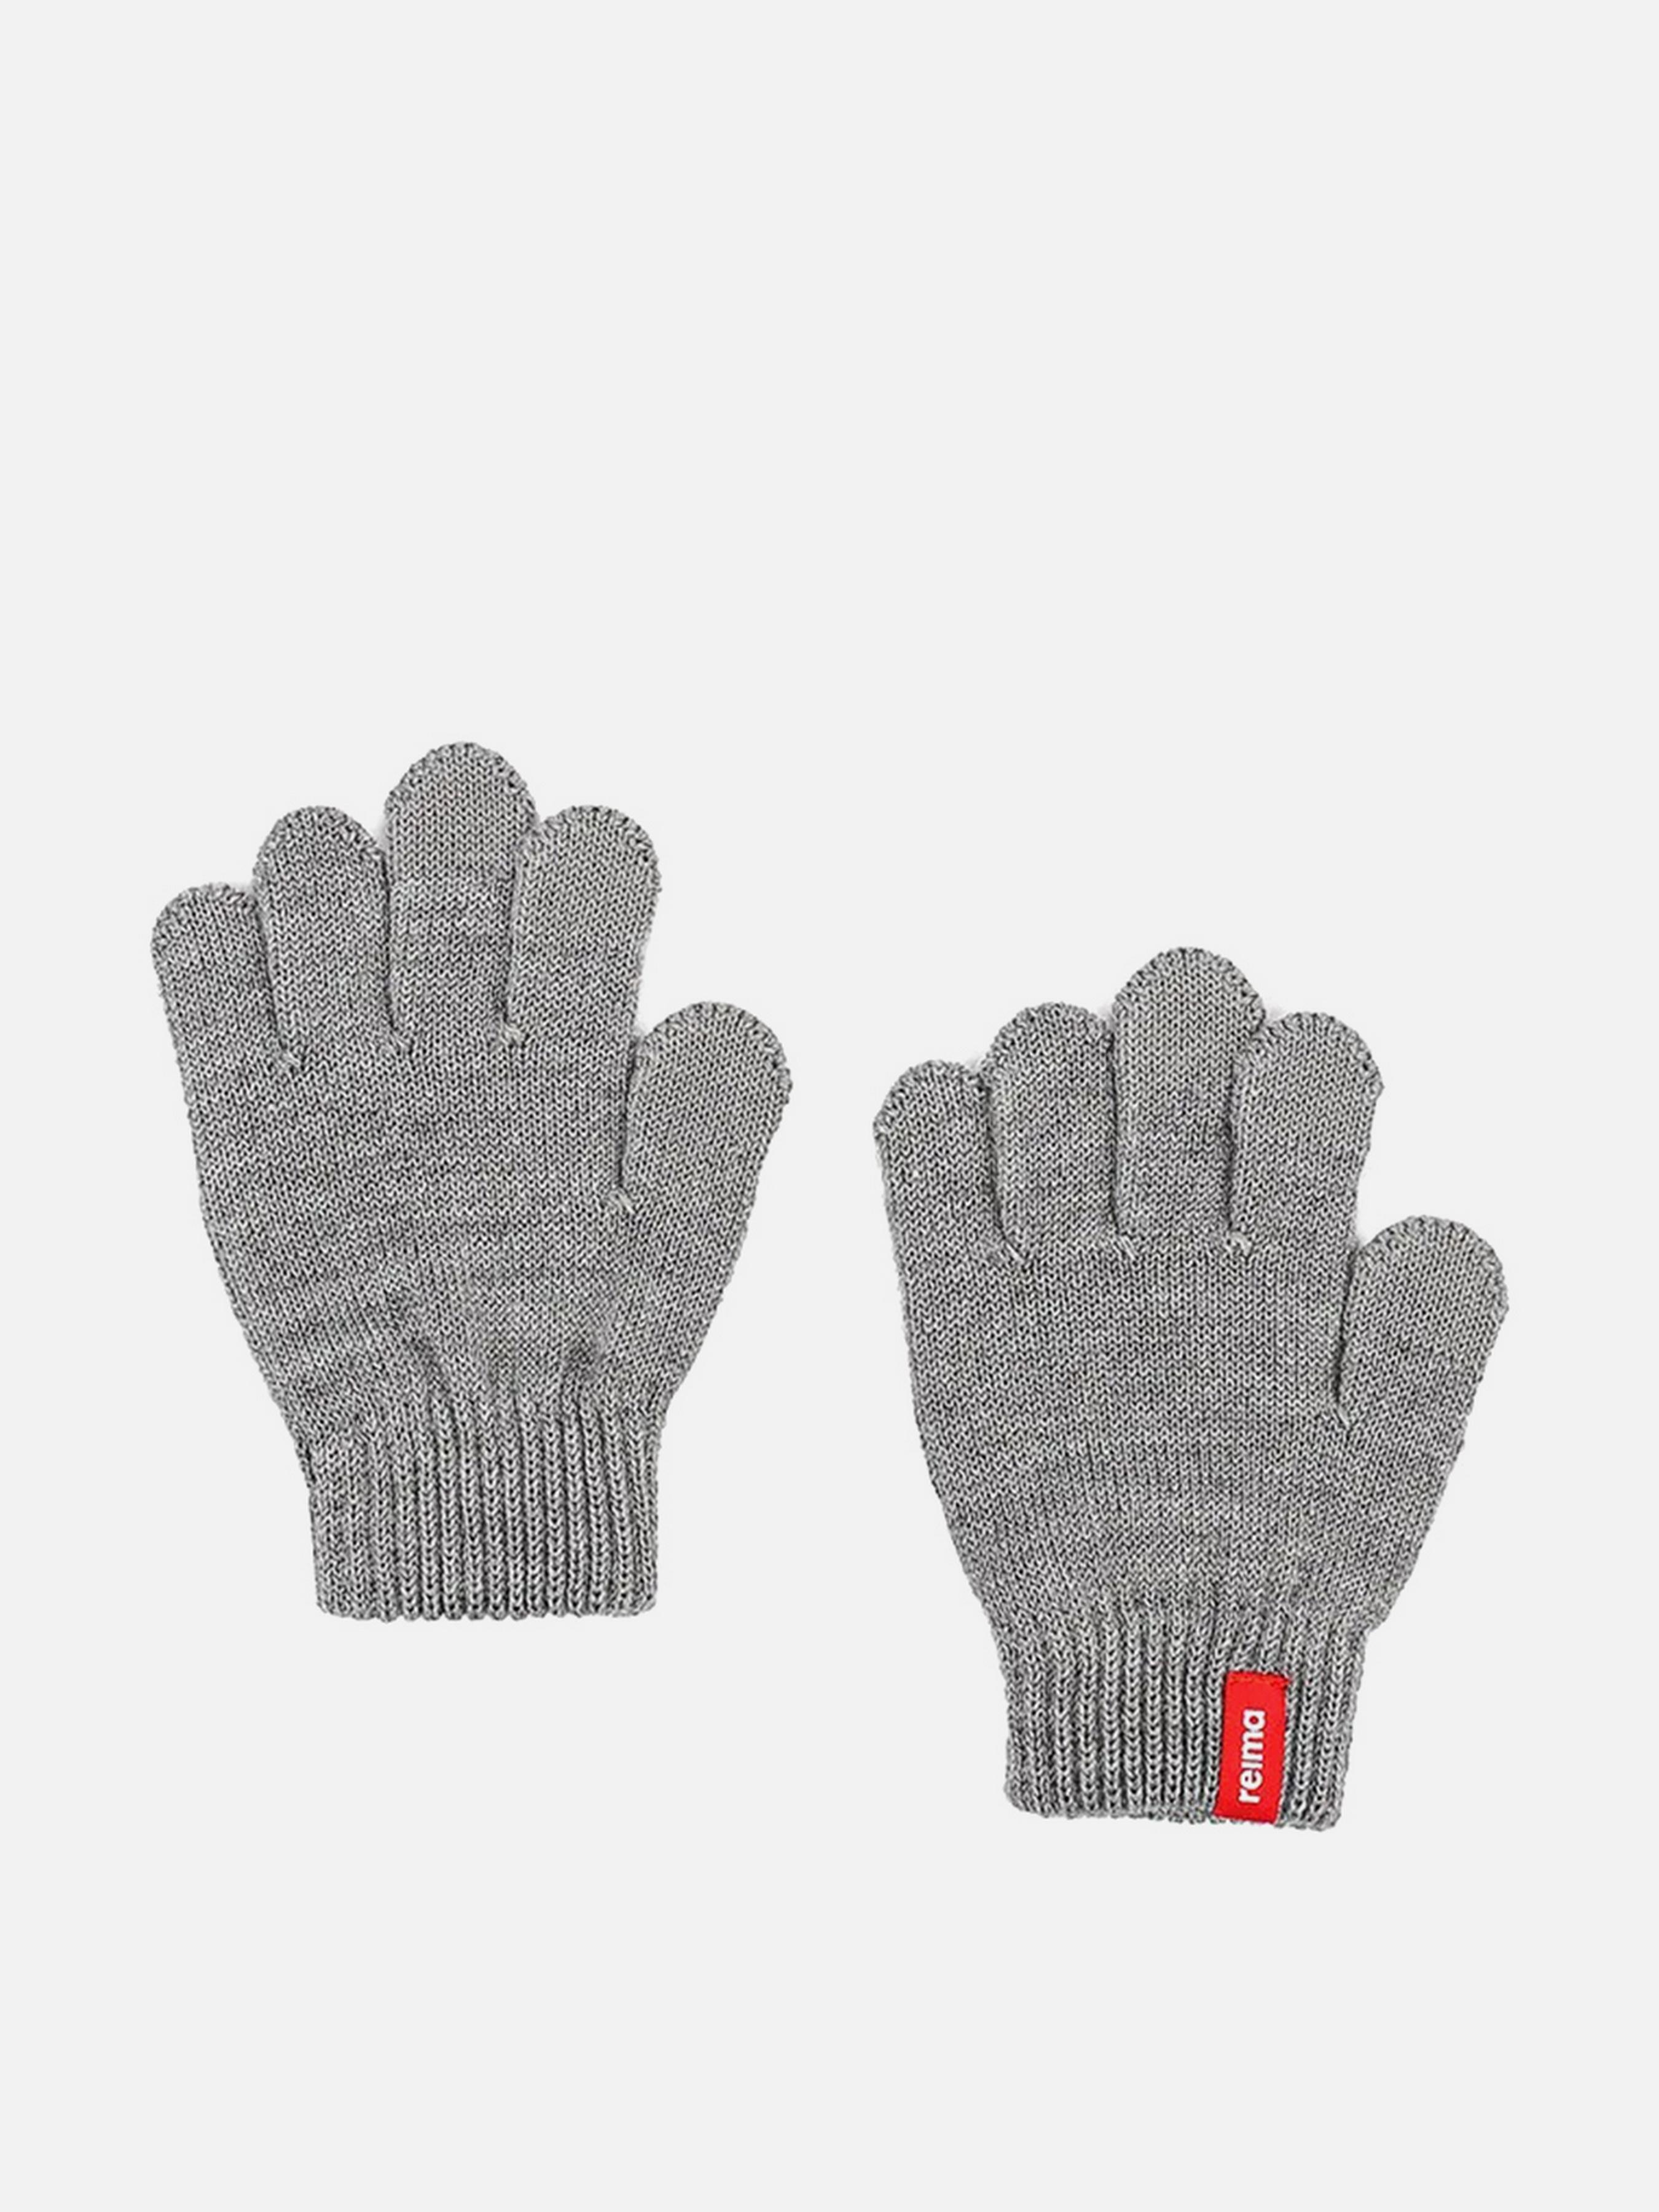 Перчатки детские REIMA модель MK37 купить, 2017